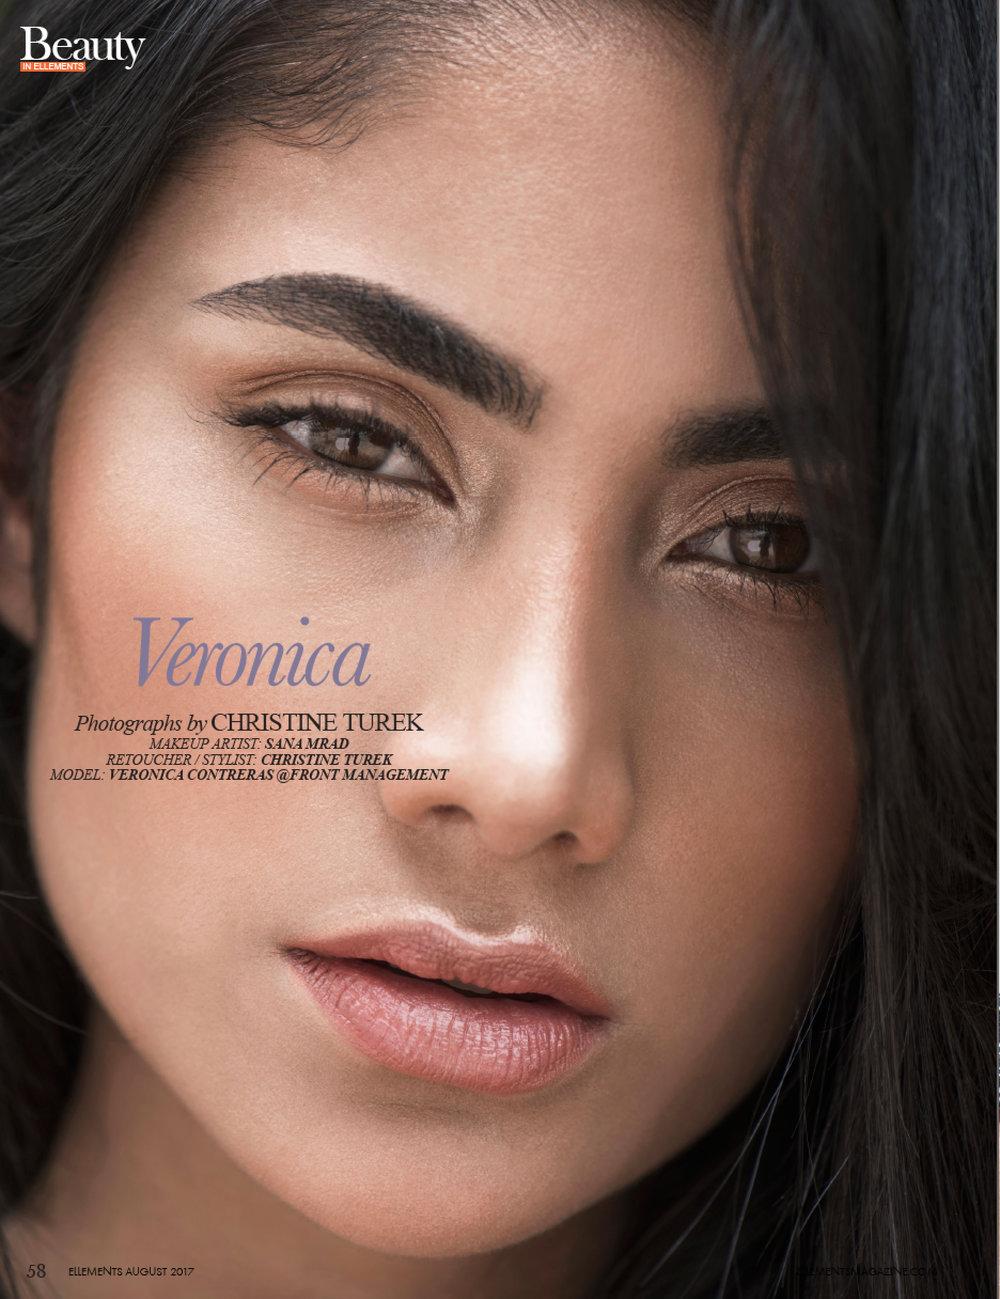 Veronica-1.jpg